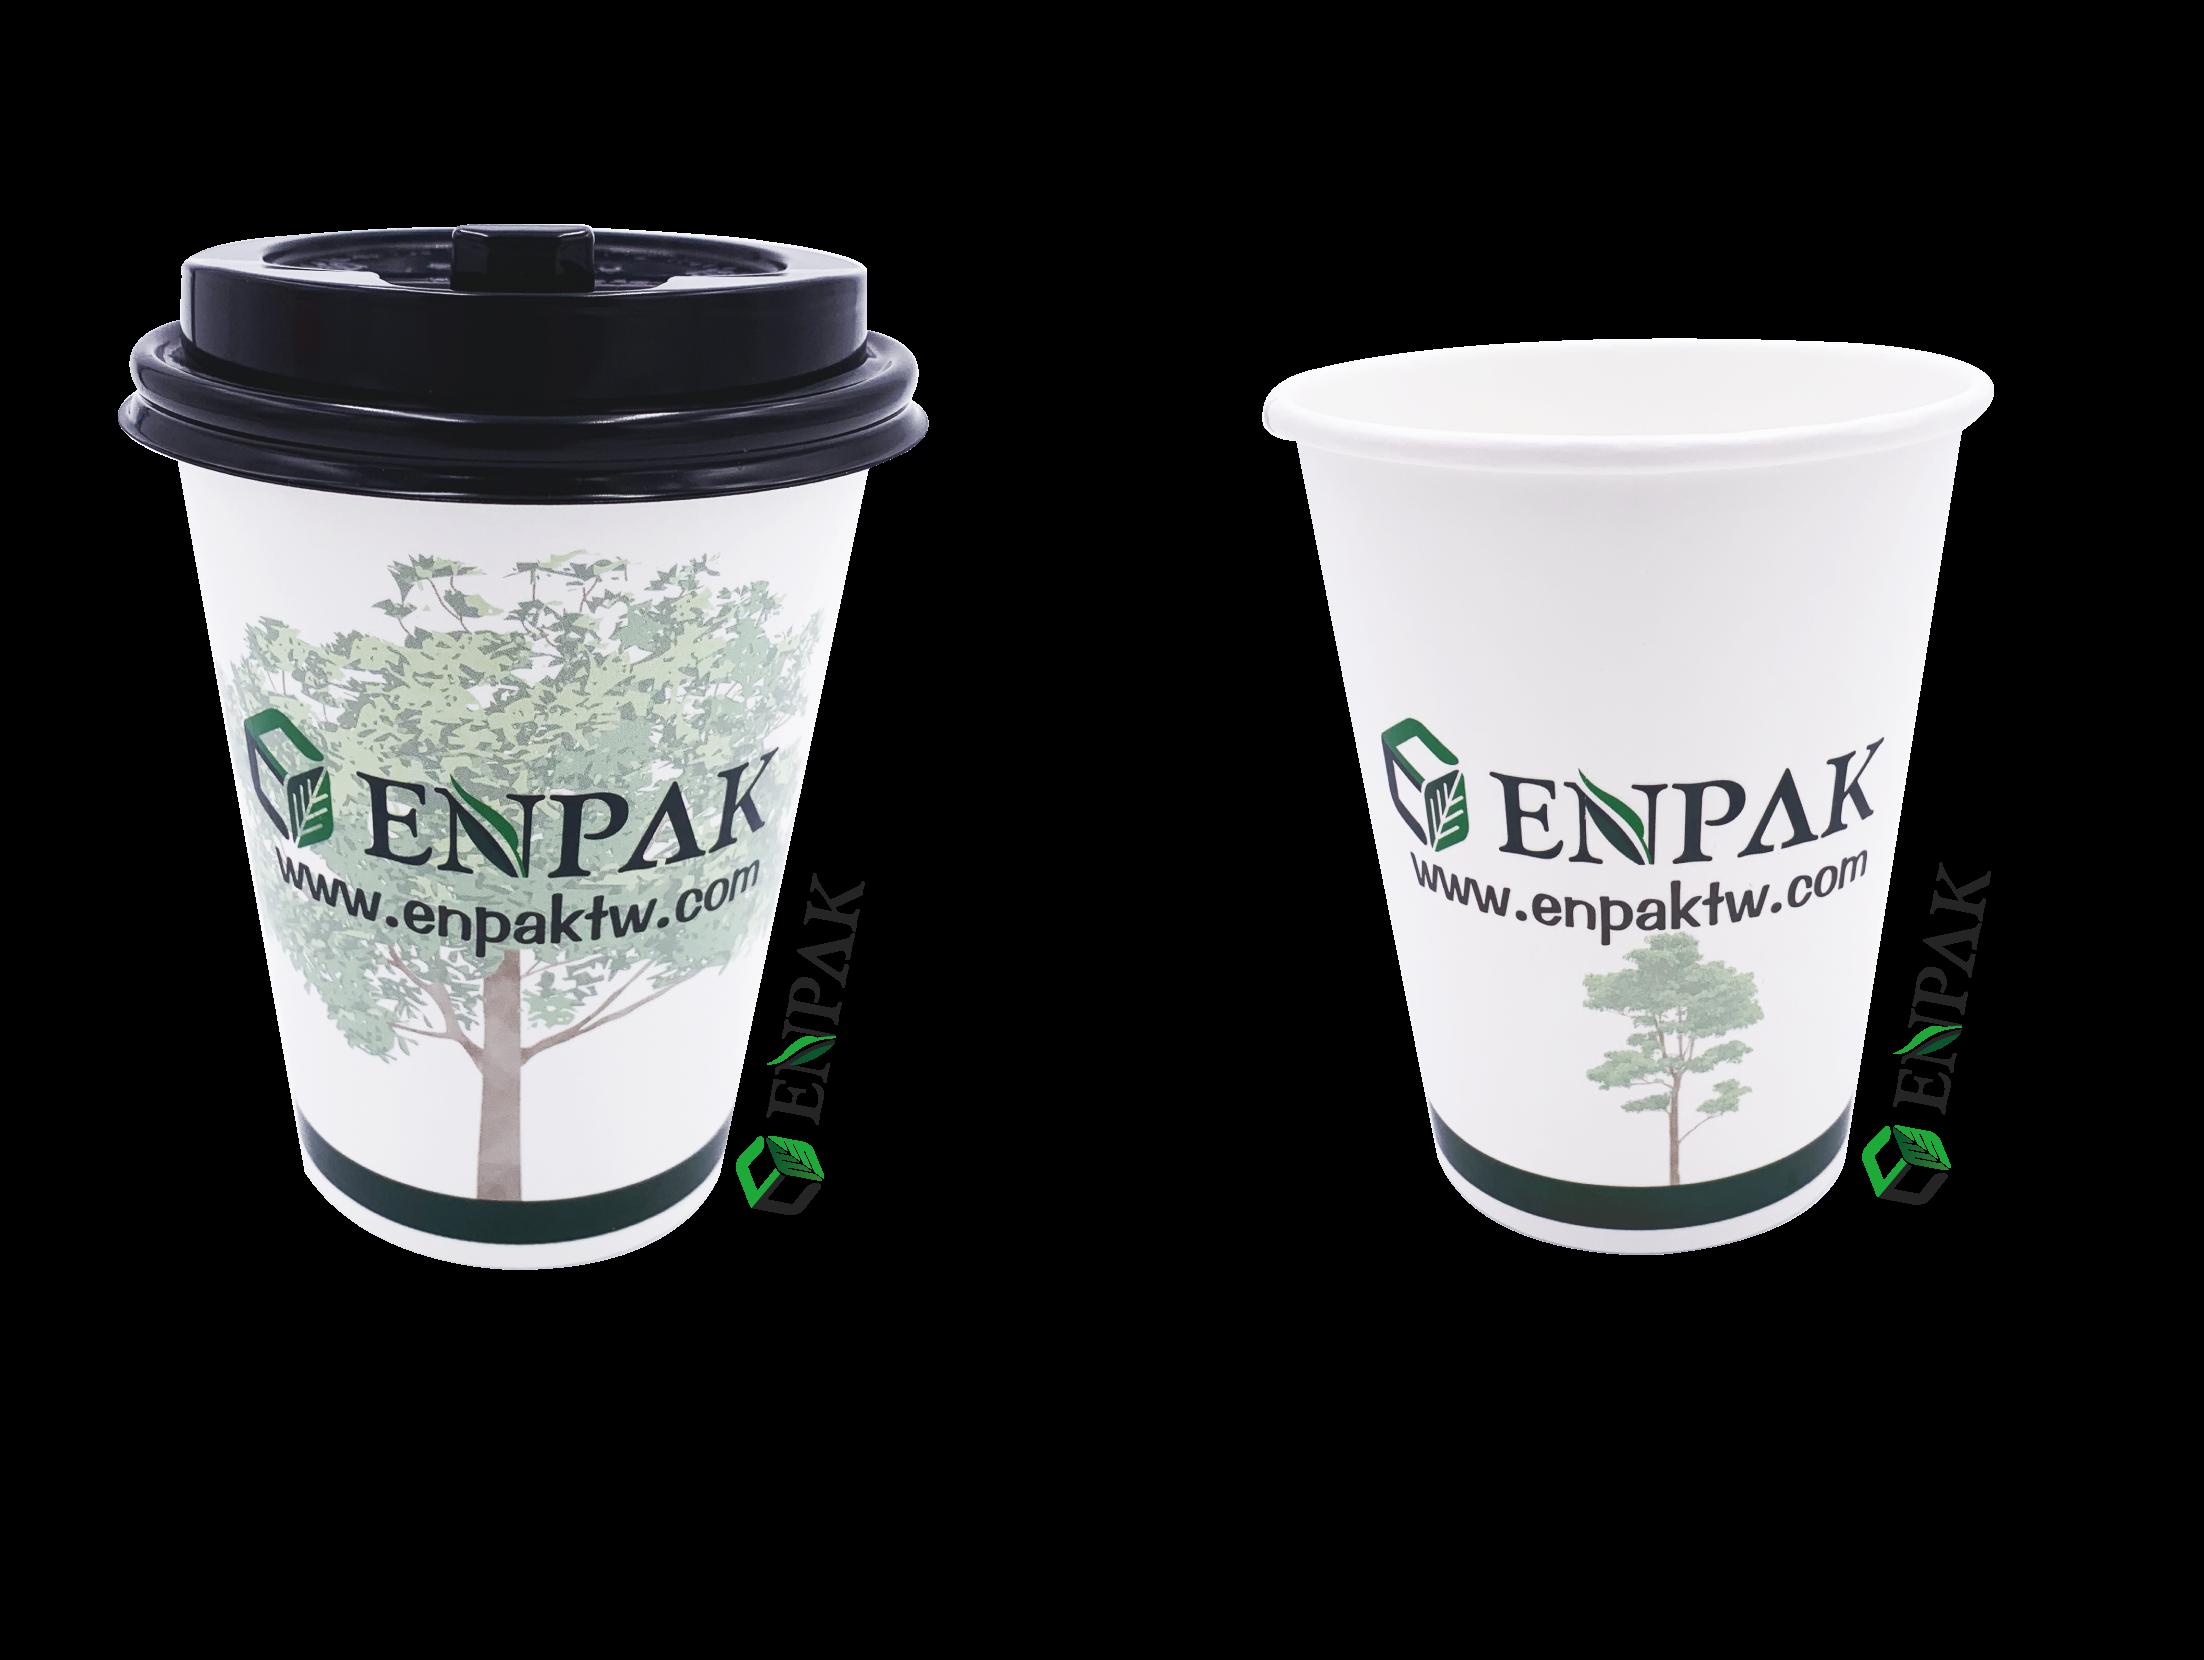 22Ozถ้วยกระดาษสำหรับกาแฟร้อนกับการปรับแต่งการพิมพ์ถ้วยกาแฟ